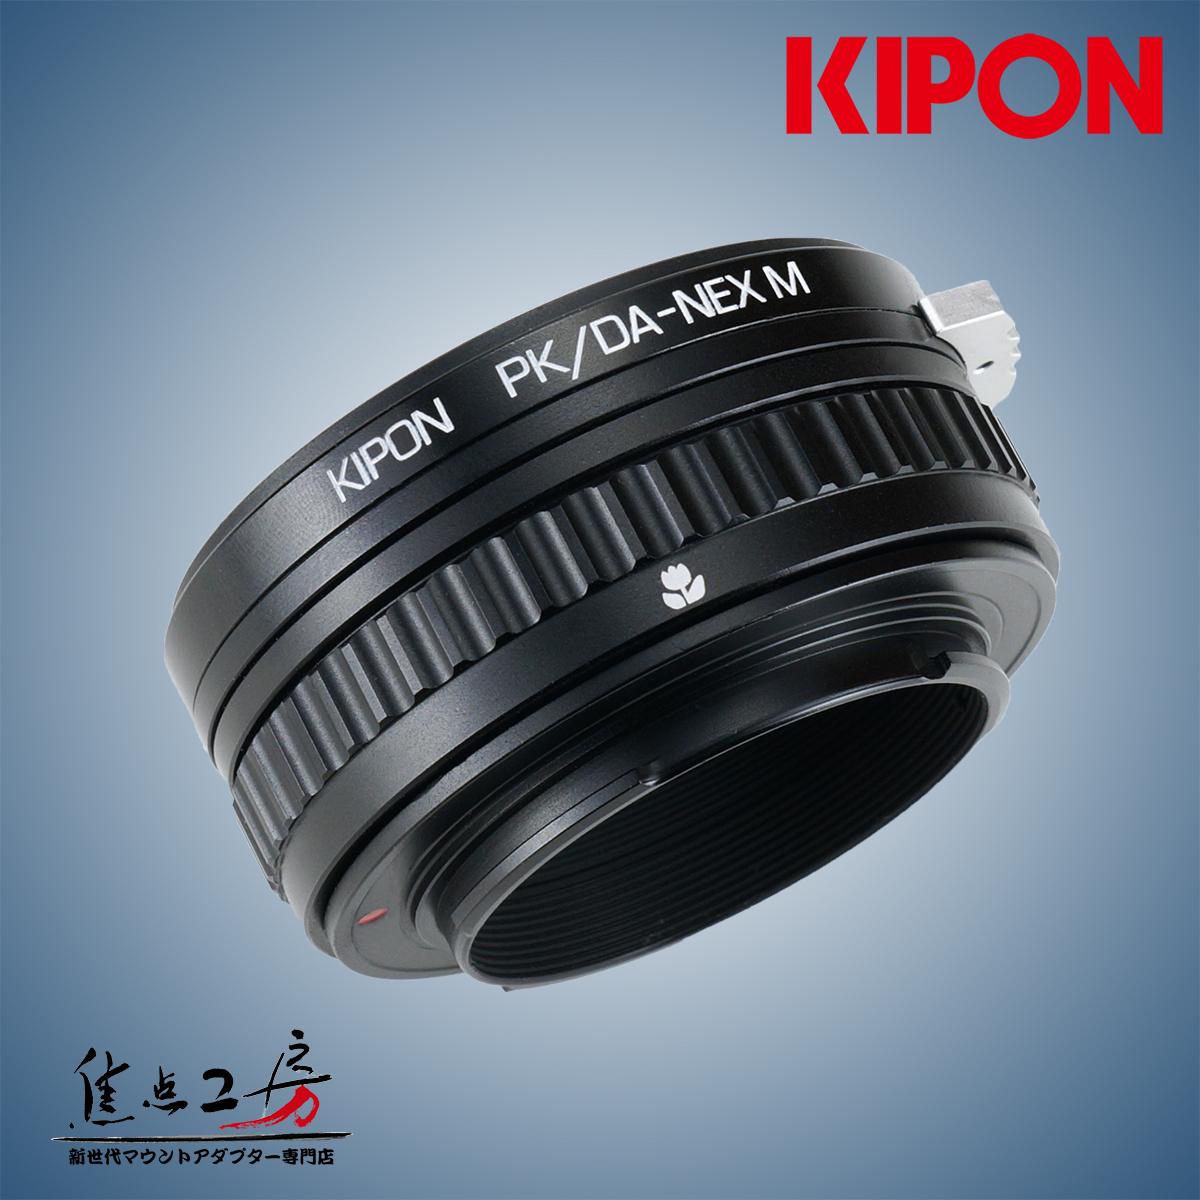 マウントアダプター KIPON PK/DA-S/E M (PK/DA-NEX M) ペンタックスKマウント/DAシリーズレンズ - ソニーNEX/α.Eマウントカメラ マクロ/ヘリコイド付き